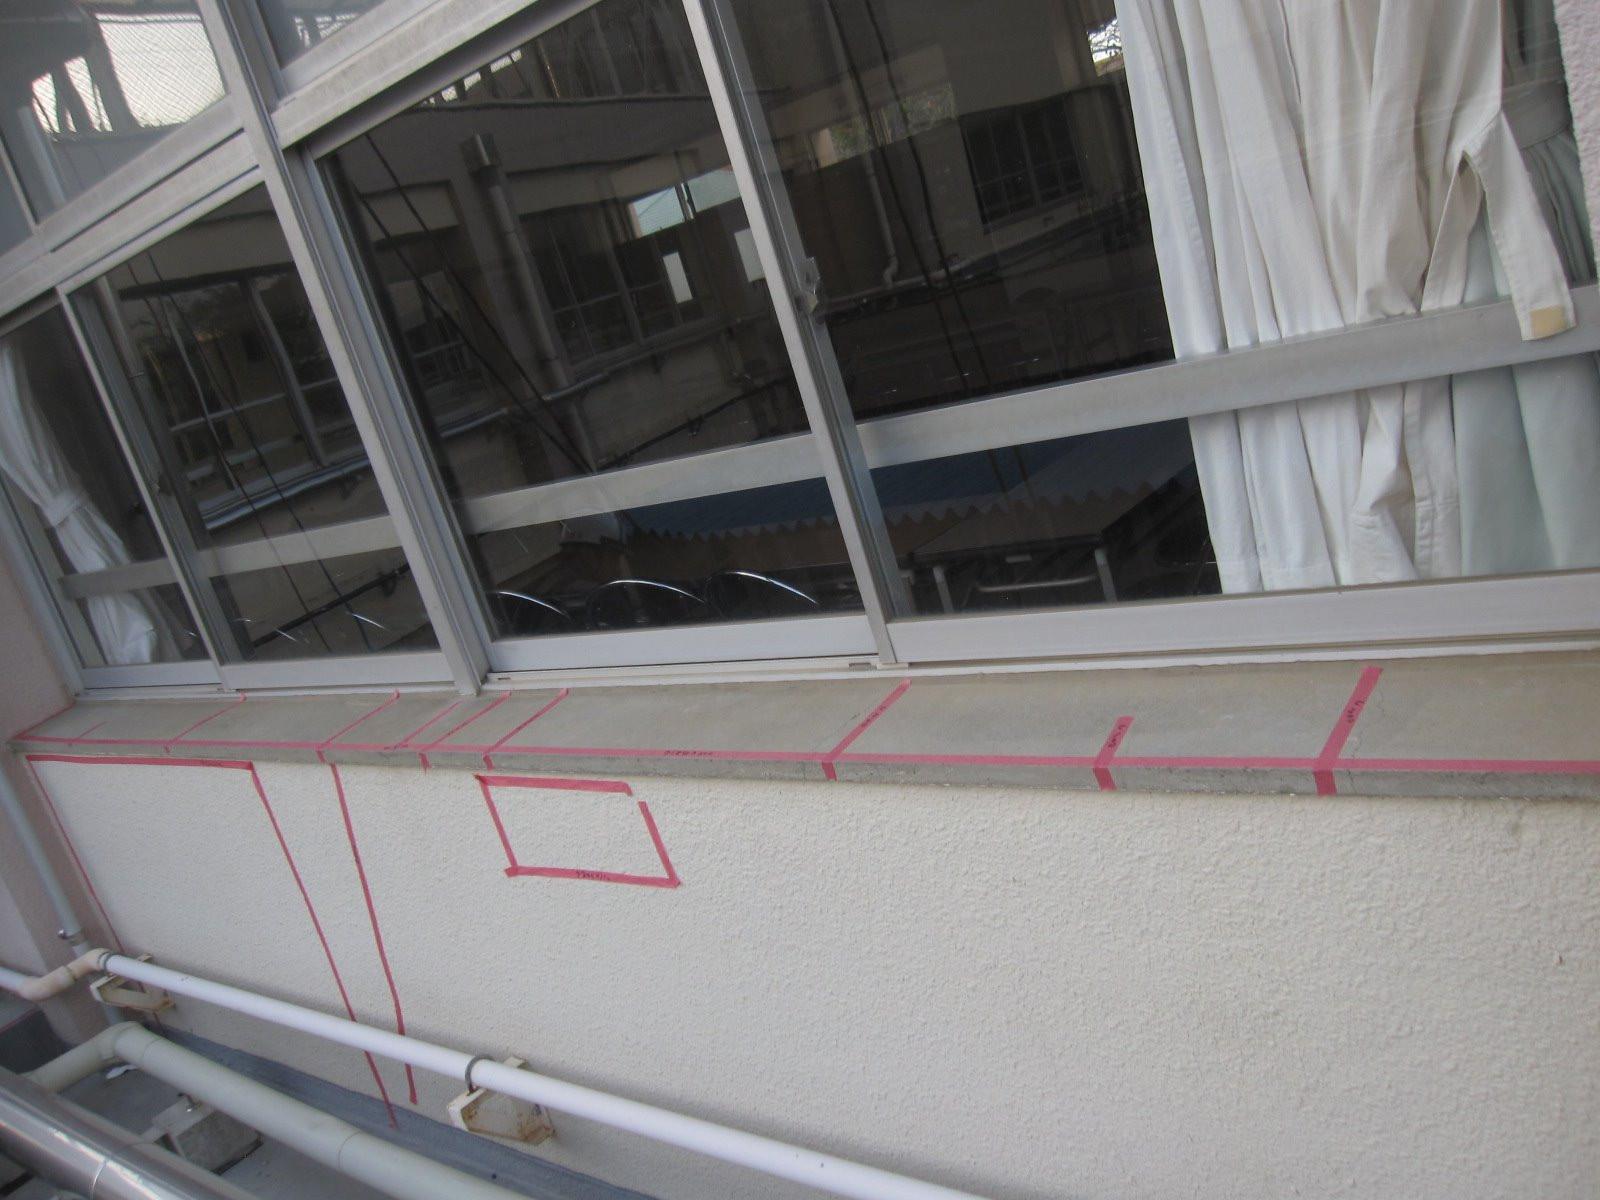 練馬区/学校      ◆外壁打診調査画像